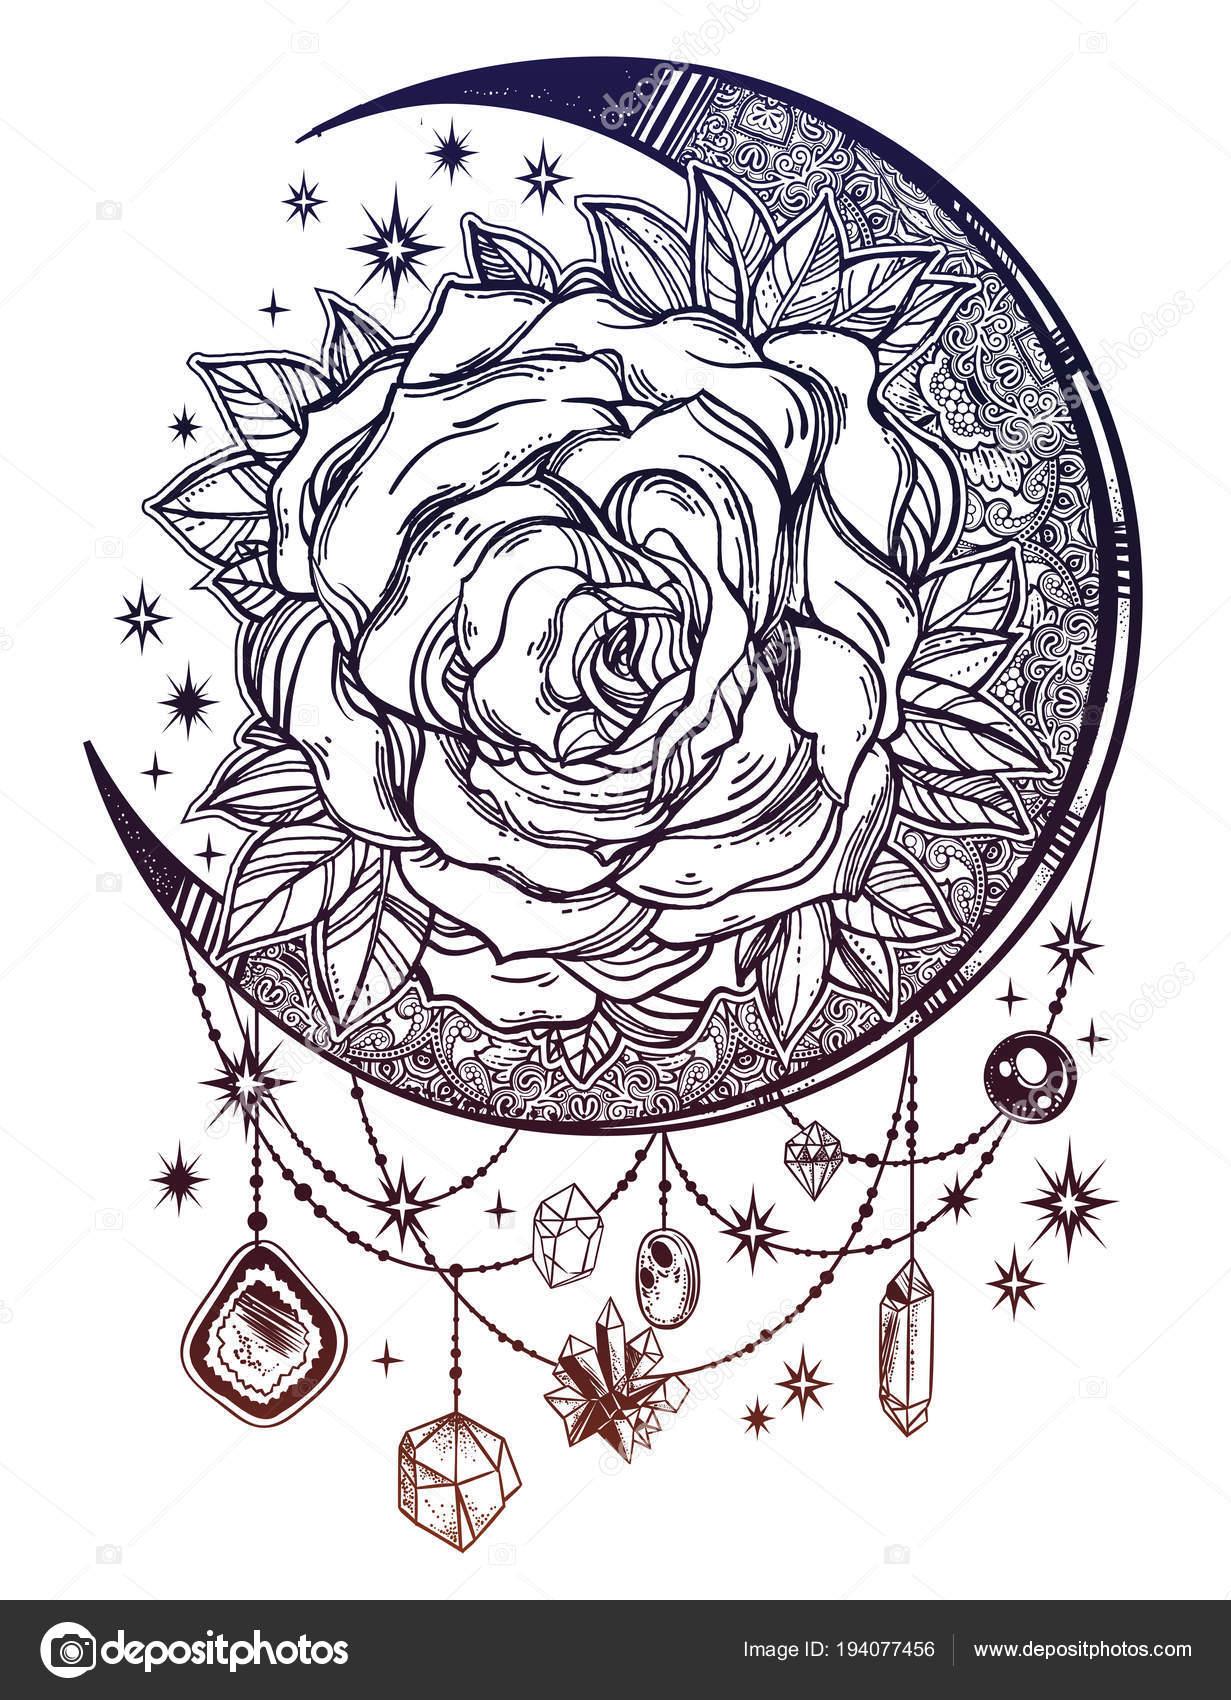 ddadf3bed4d2 Vintage floral mano dibujado composición luna rosa con perlas y piedras  preciosas de cristal. Motivo victoriano